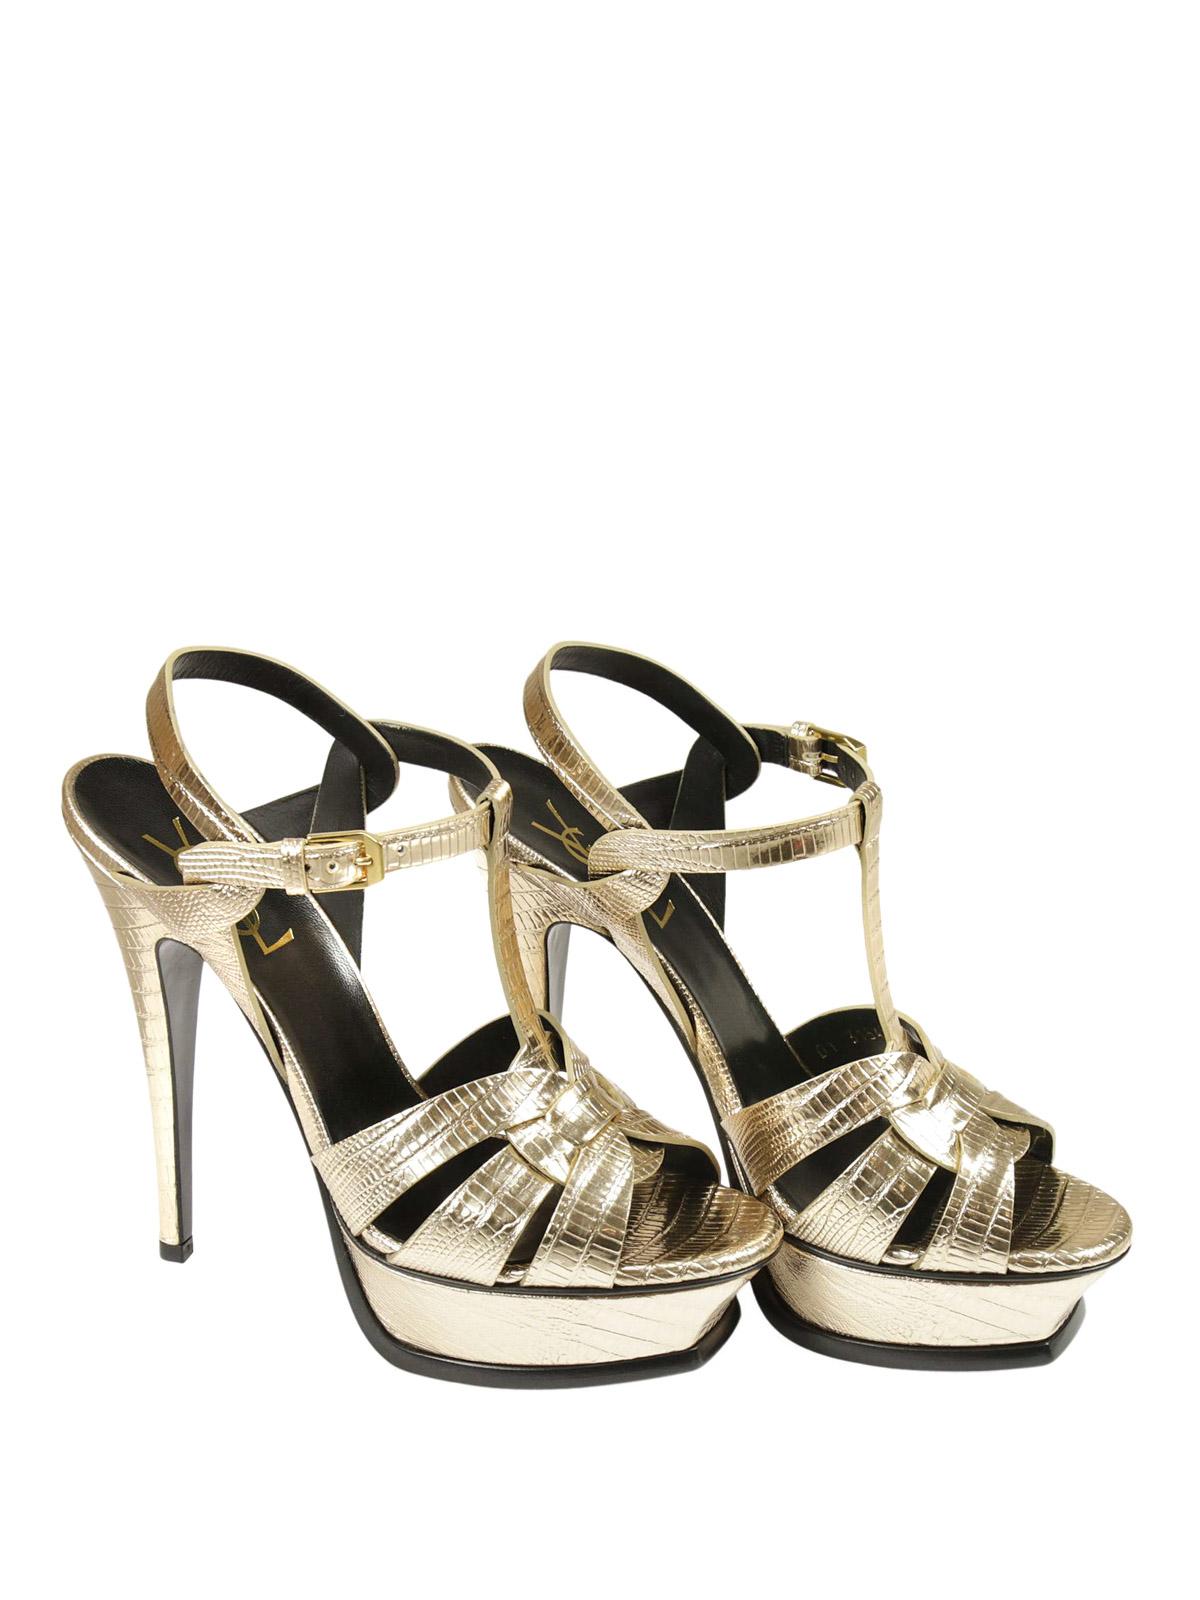 Saint Laurent Tribute Sandal In Lizard Leather Sandals